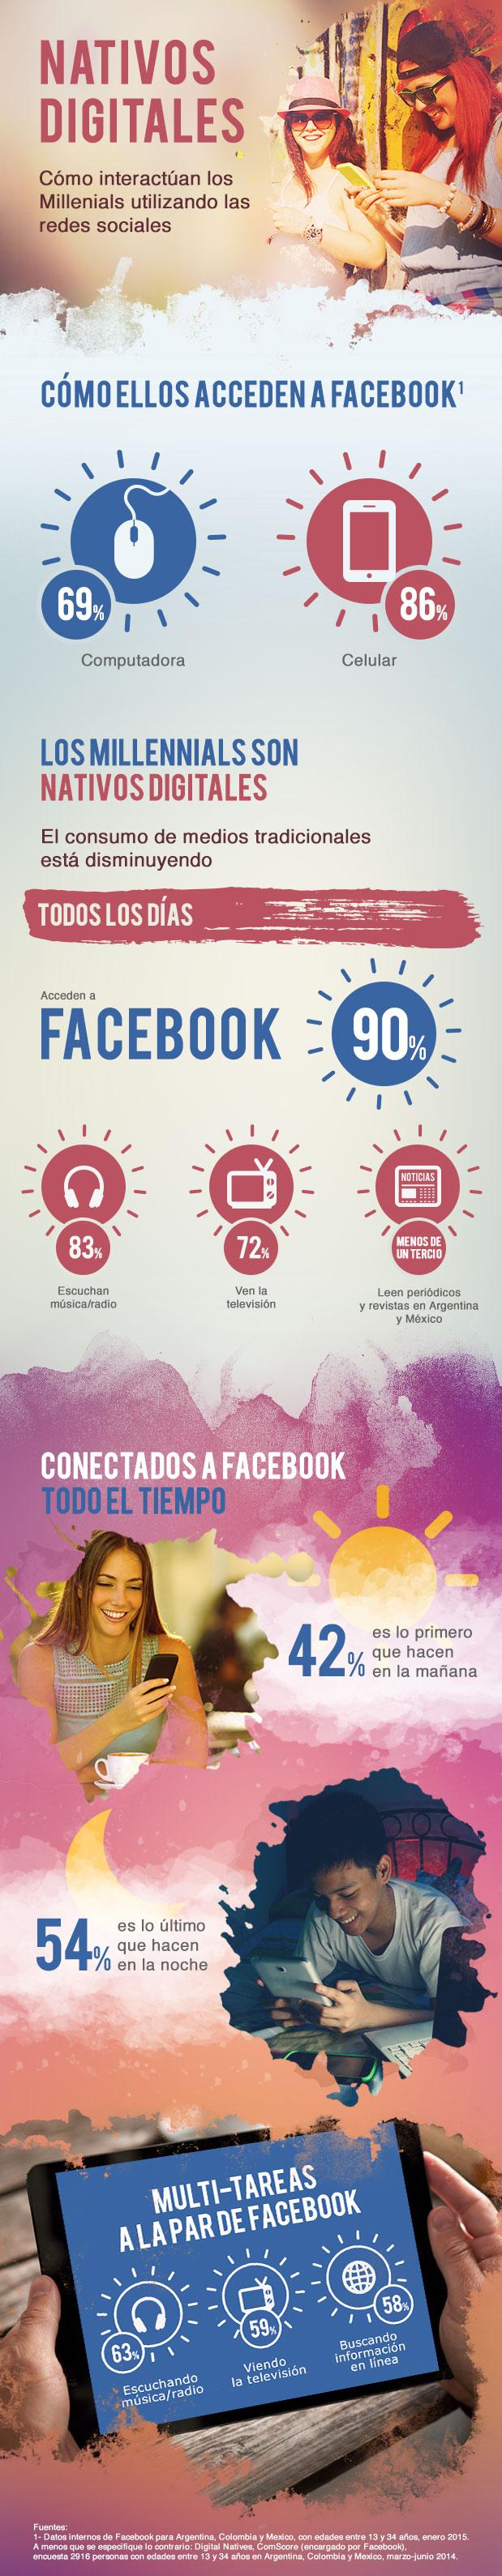 Estadísticas del uso de Facebook